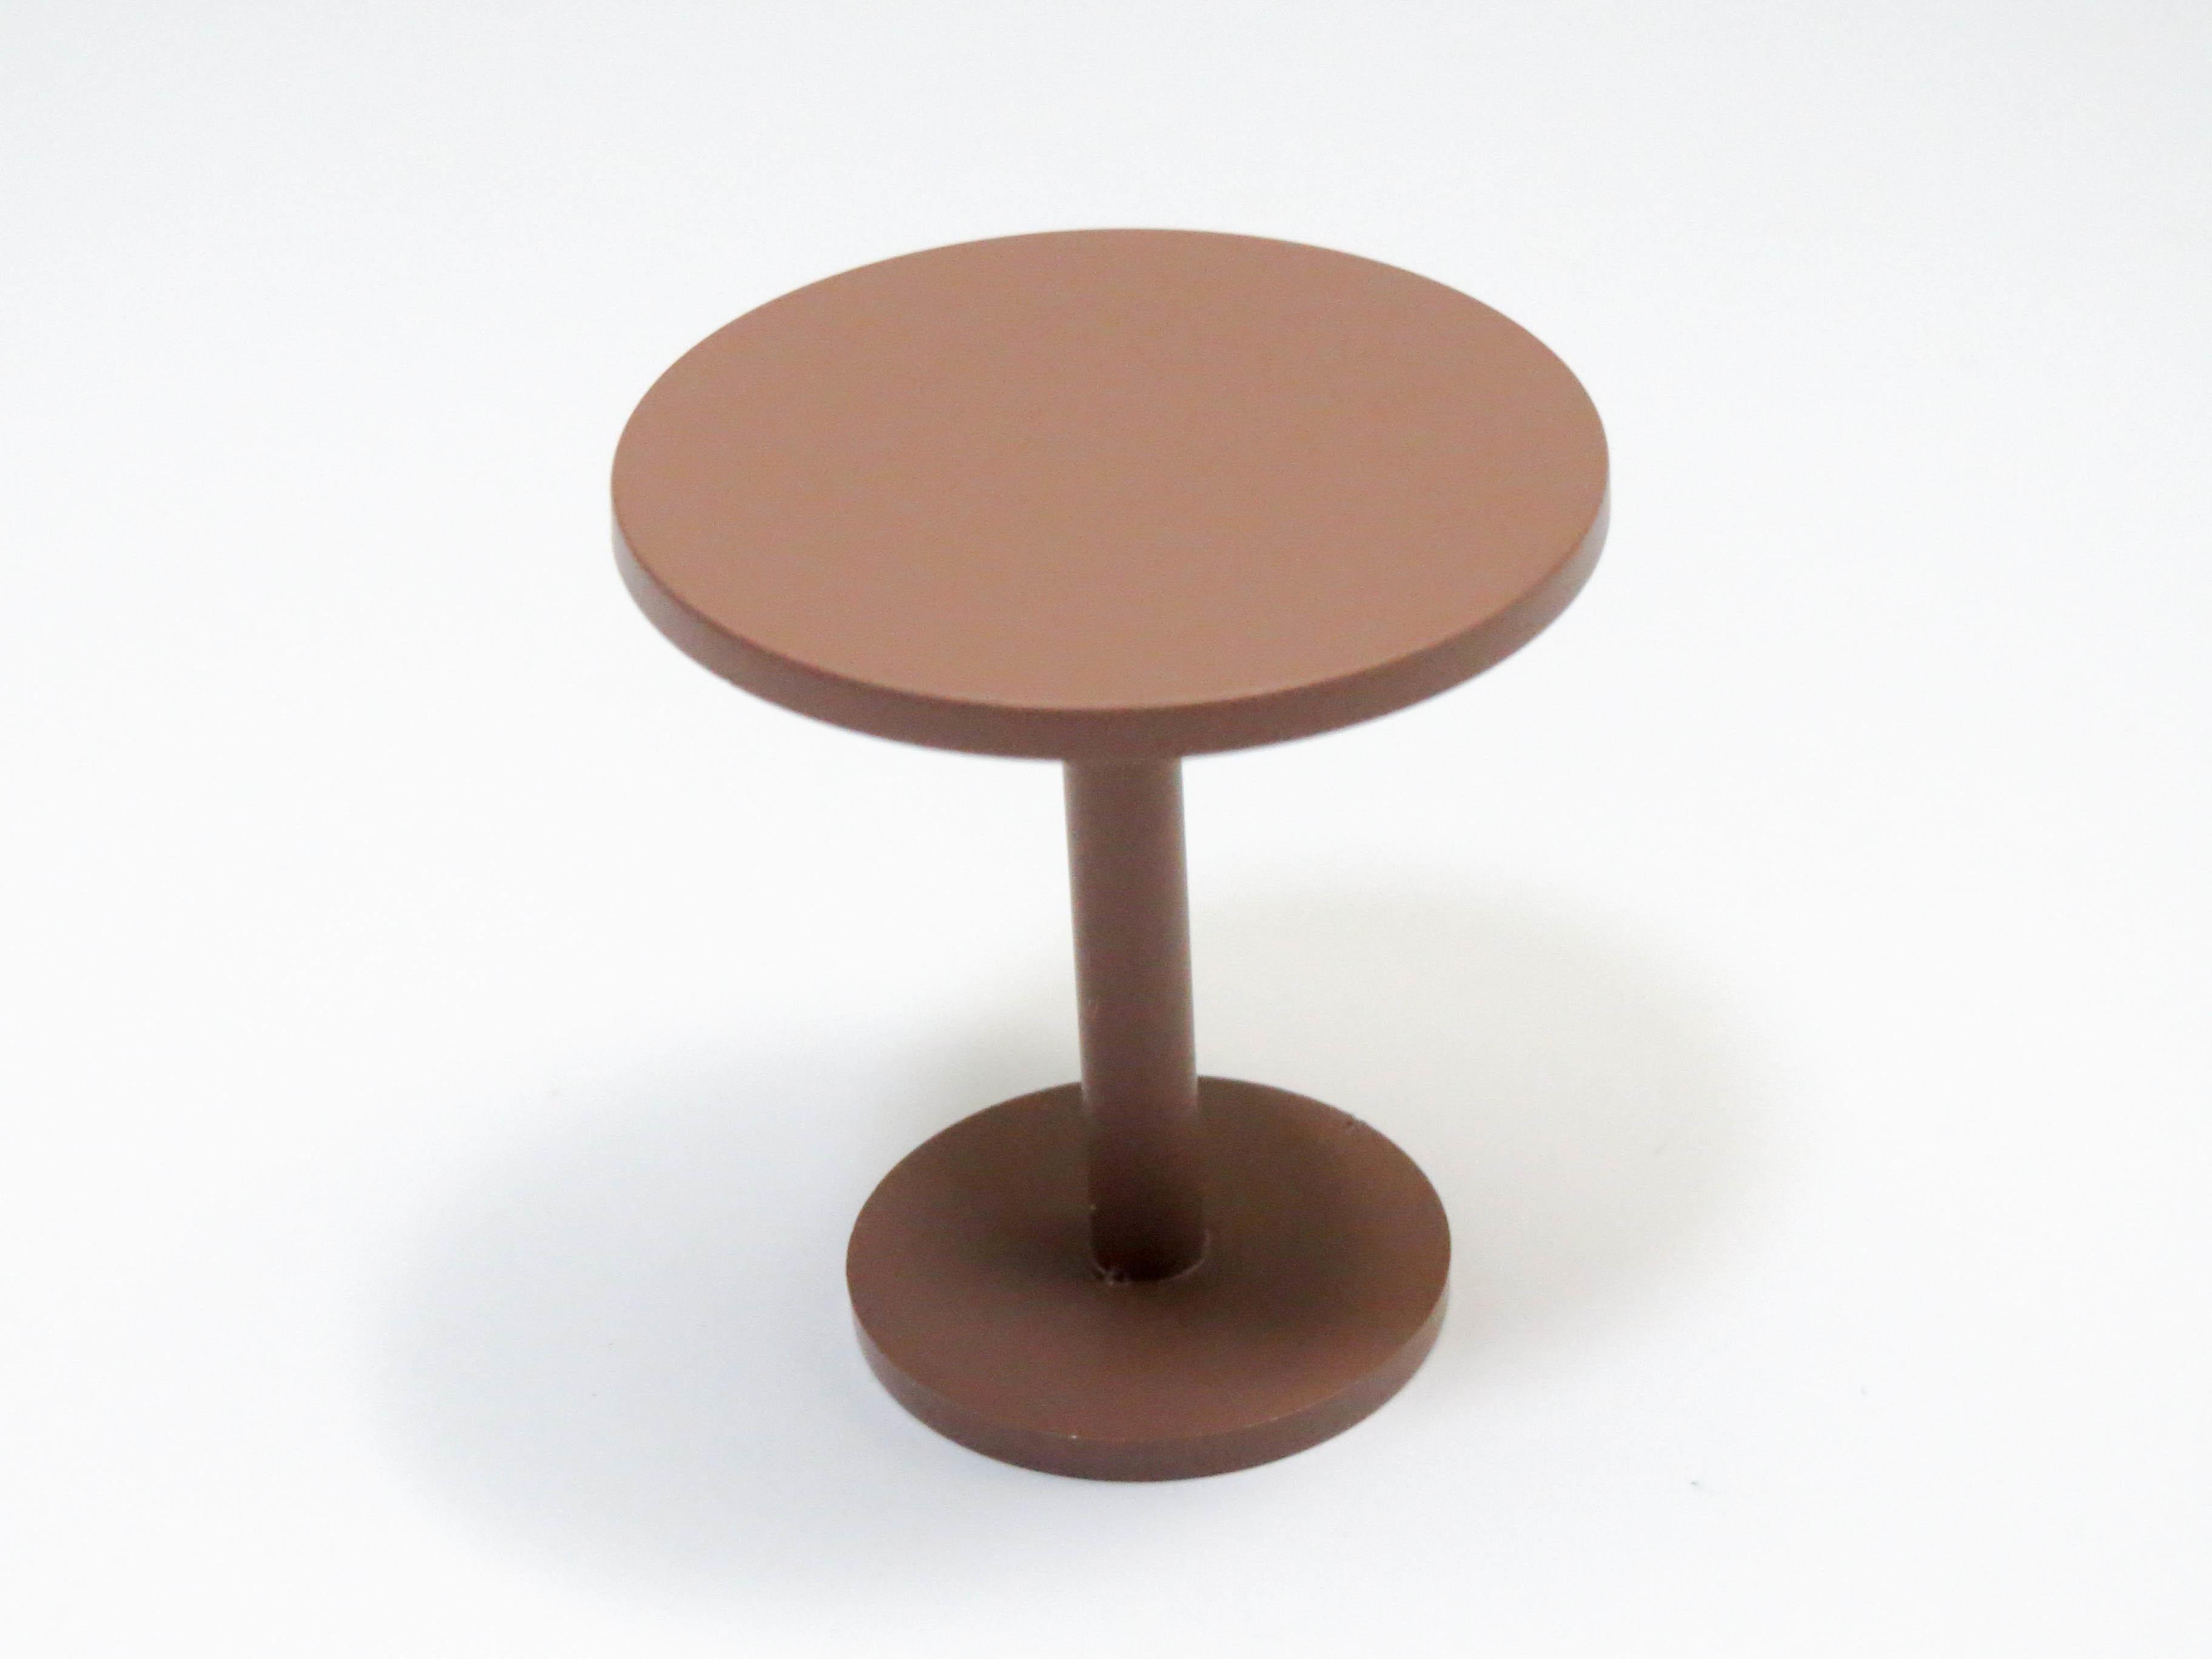 再入荷【844】 アルパカ・スリ 小物パーツ カフェテーブル ねんどろいど